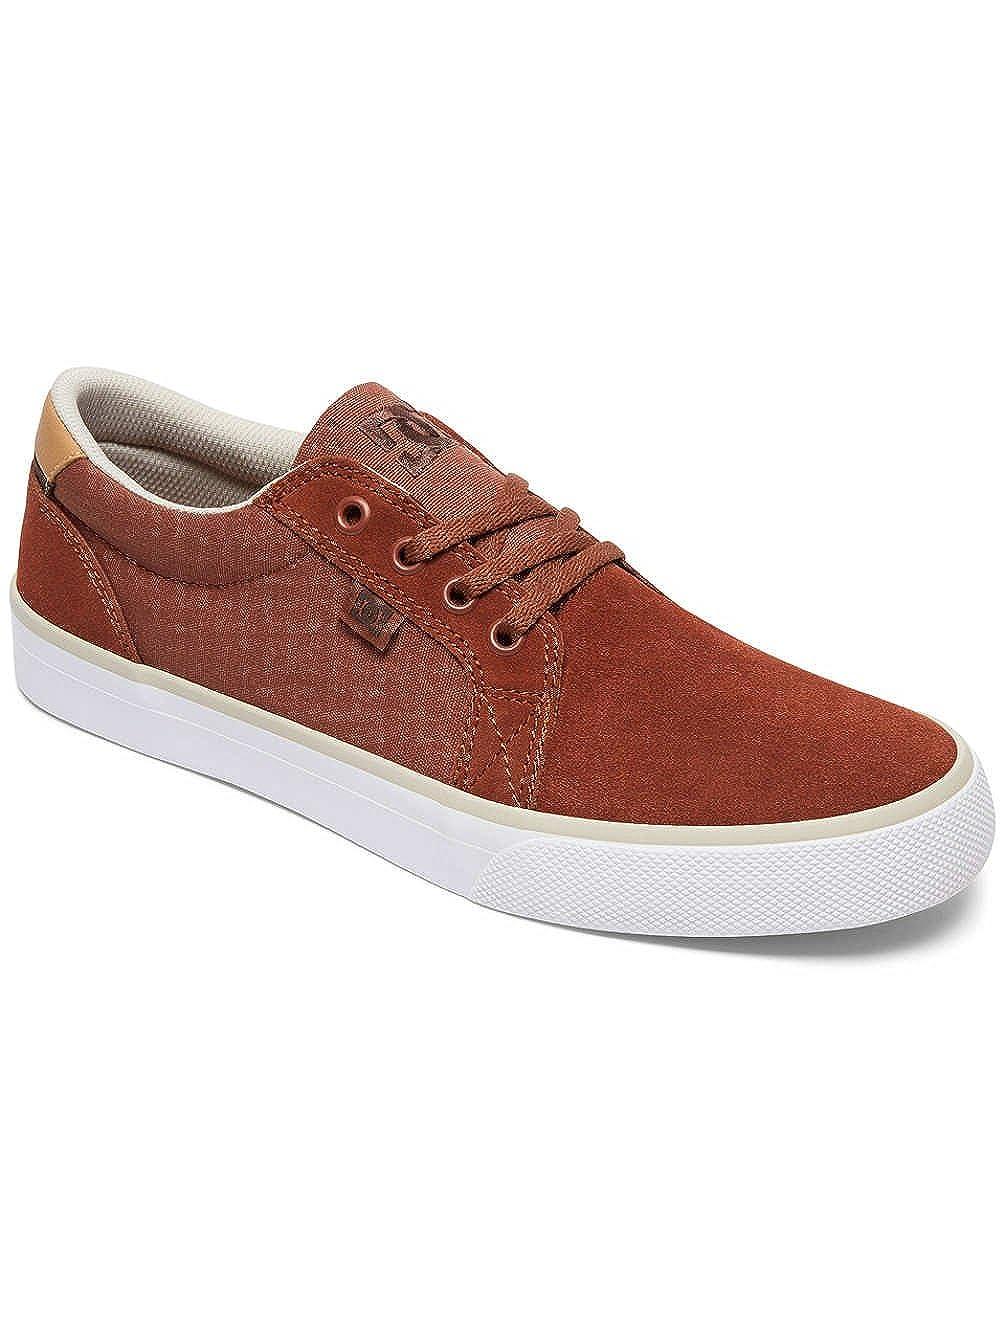 DC scarpe Council SD SD SD M scarpe Nc2, scarpe da ginnastica Basse Uomo B072FRP6FH 42 EU Marronee | Uscita  | unico  | Tocco confortevole  | Design lussureggiante  | Alta Qualità  | Di Progettazione Professionale  ed8279